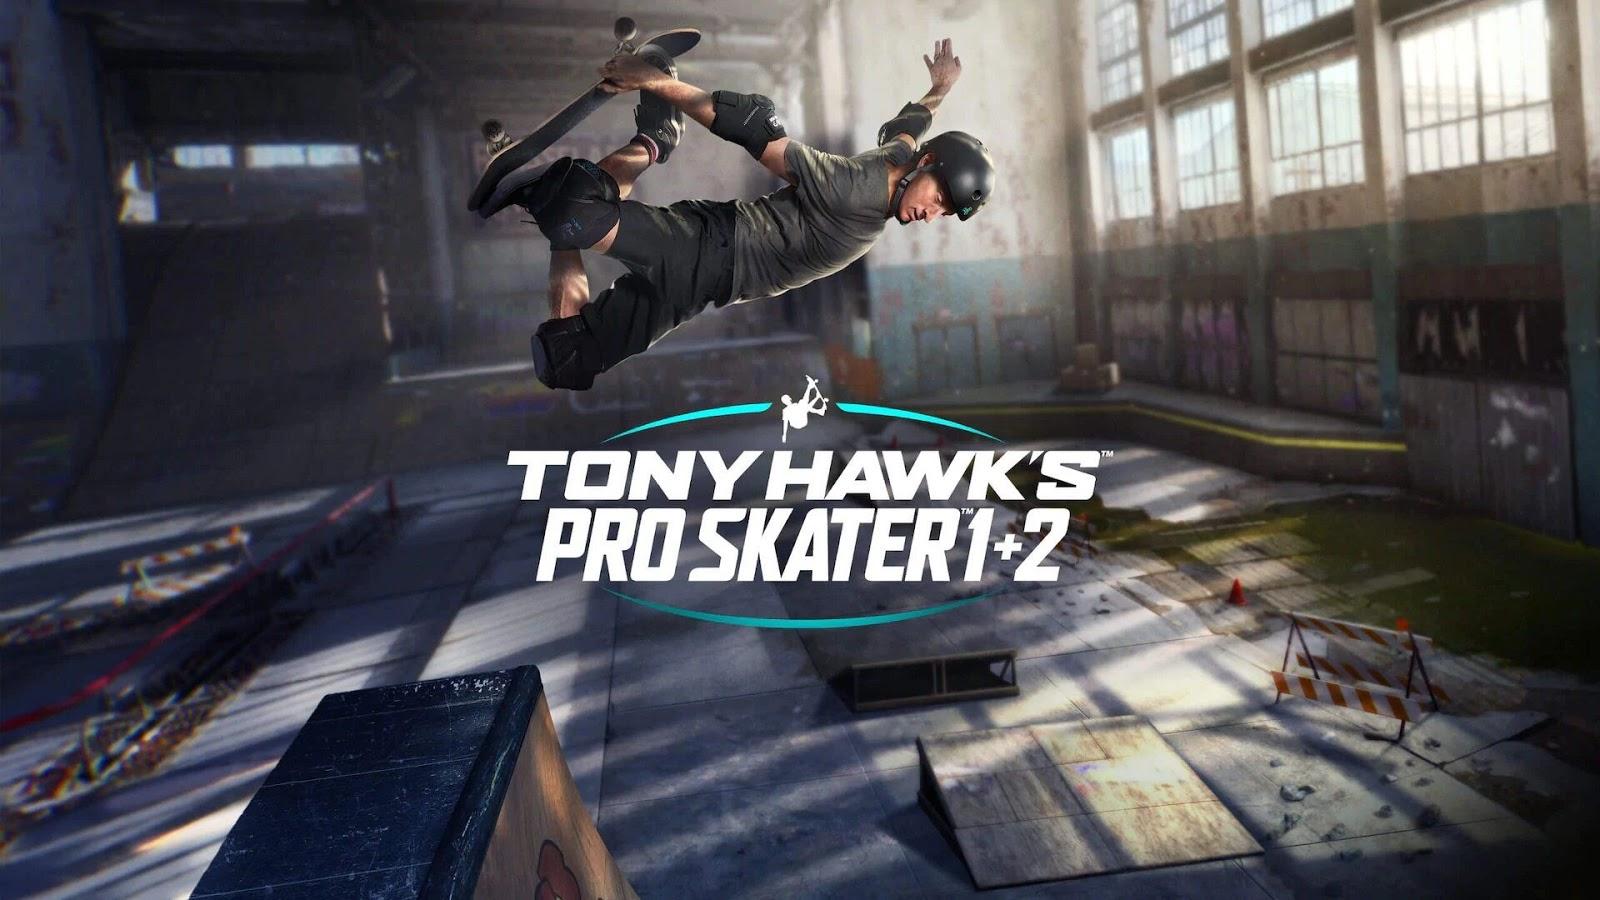 مراجعة Tony Hawk's Pro Skater 1+2